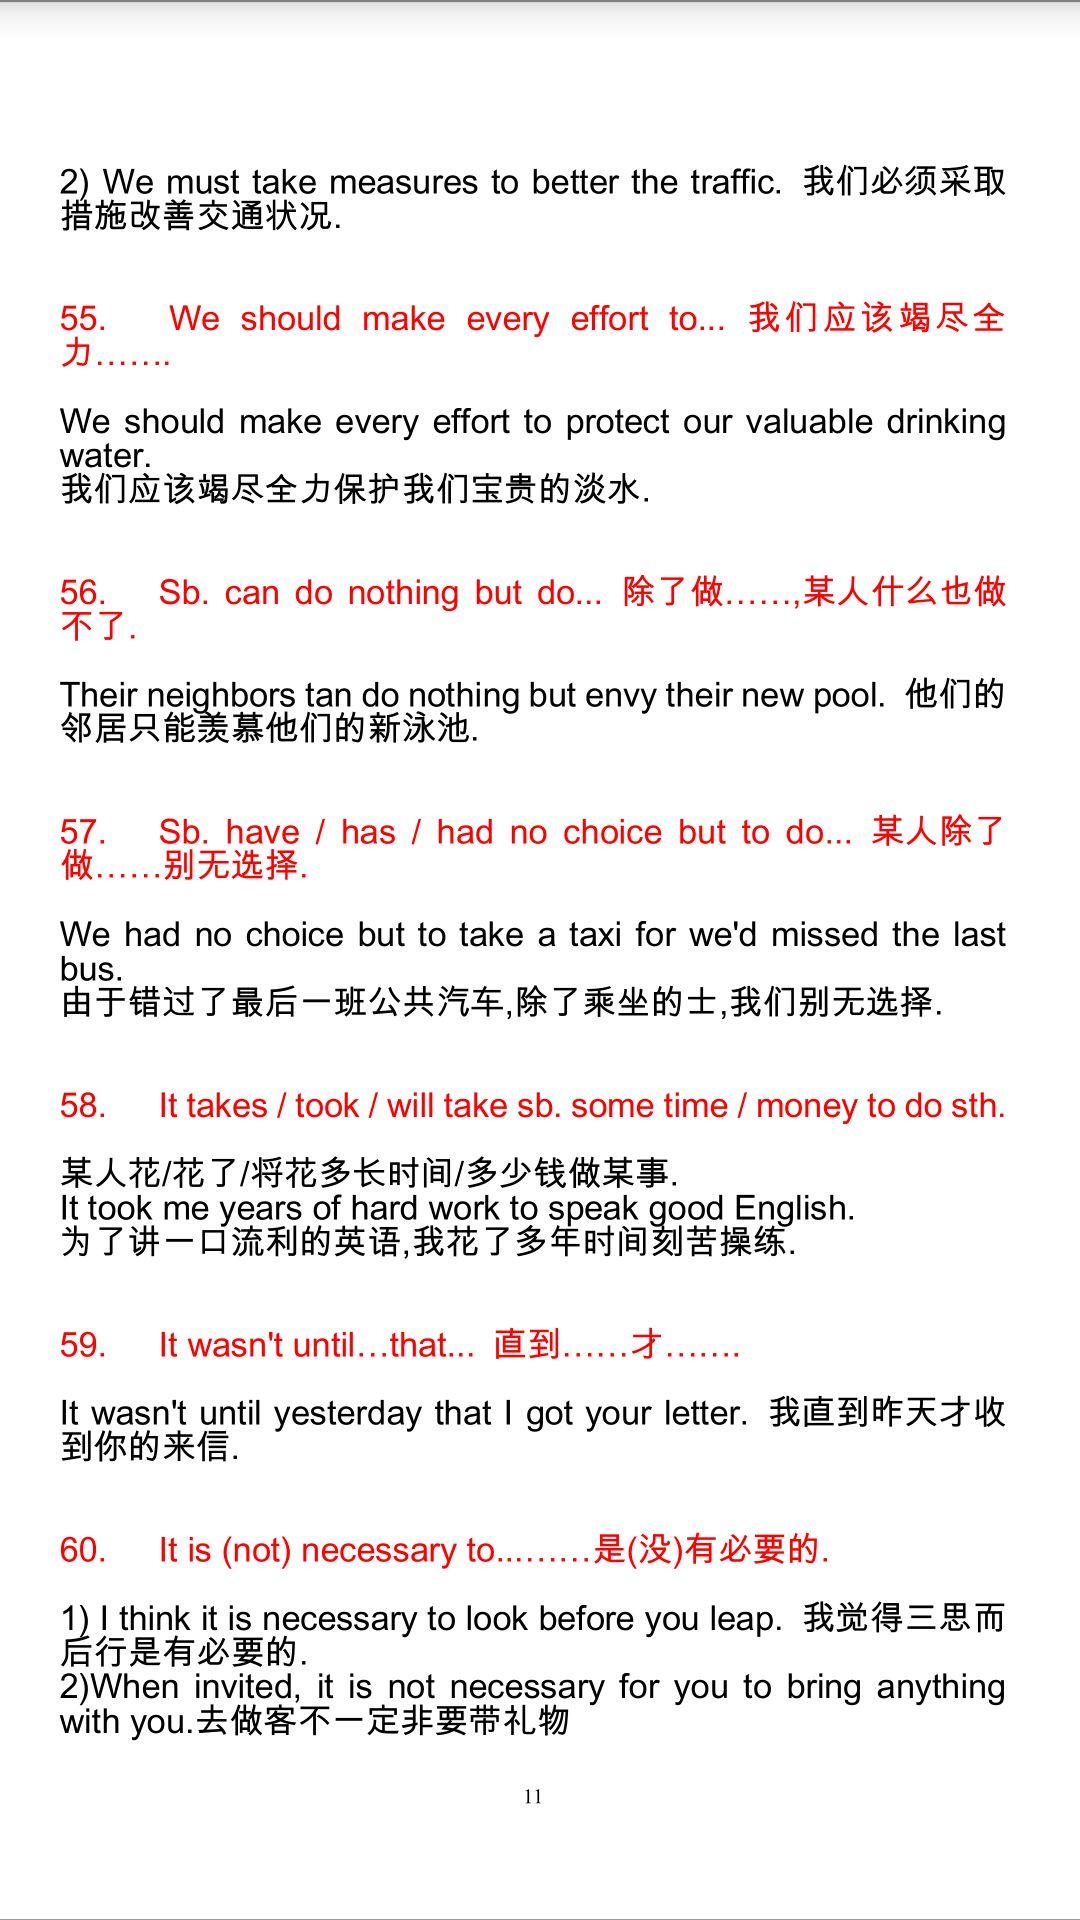 高中英语知识点归纳:高中英语句型常用重点制服男子高中生图片